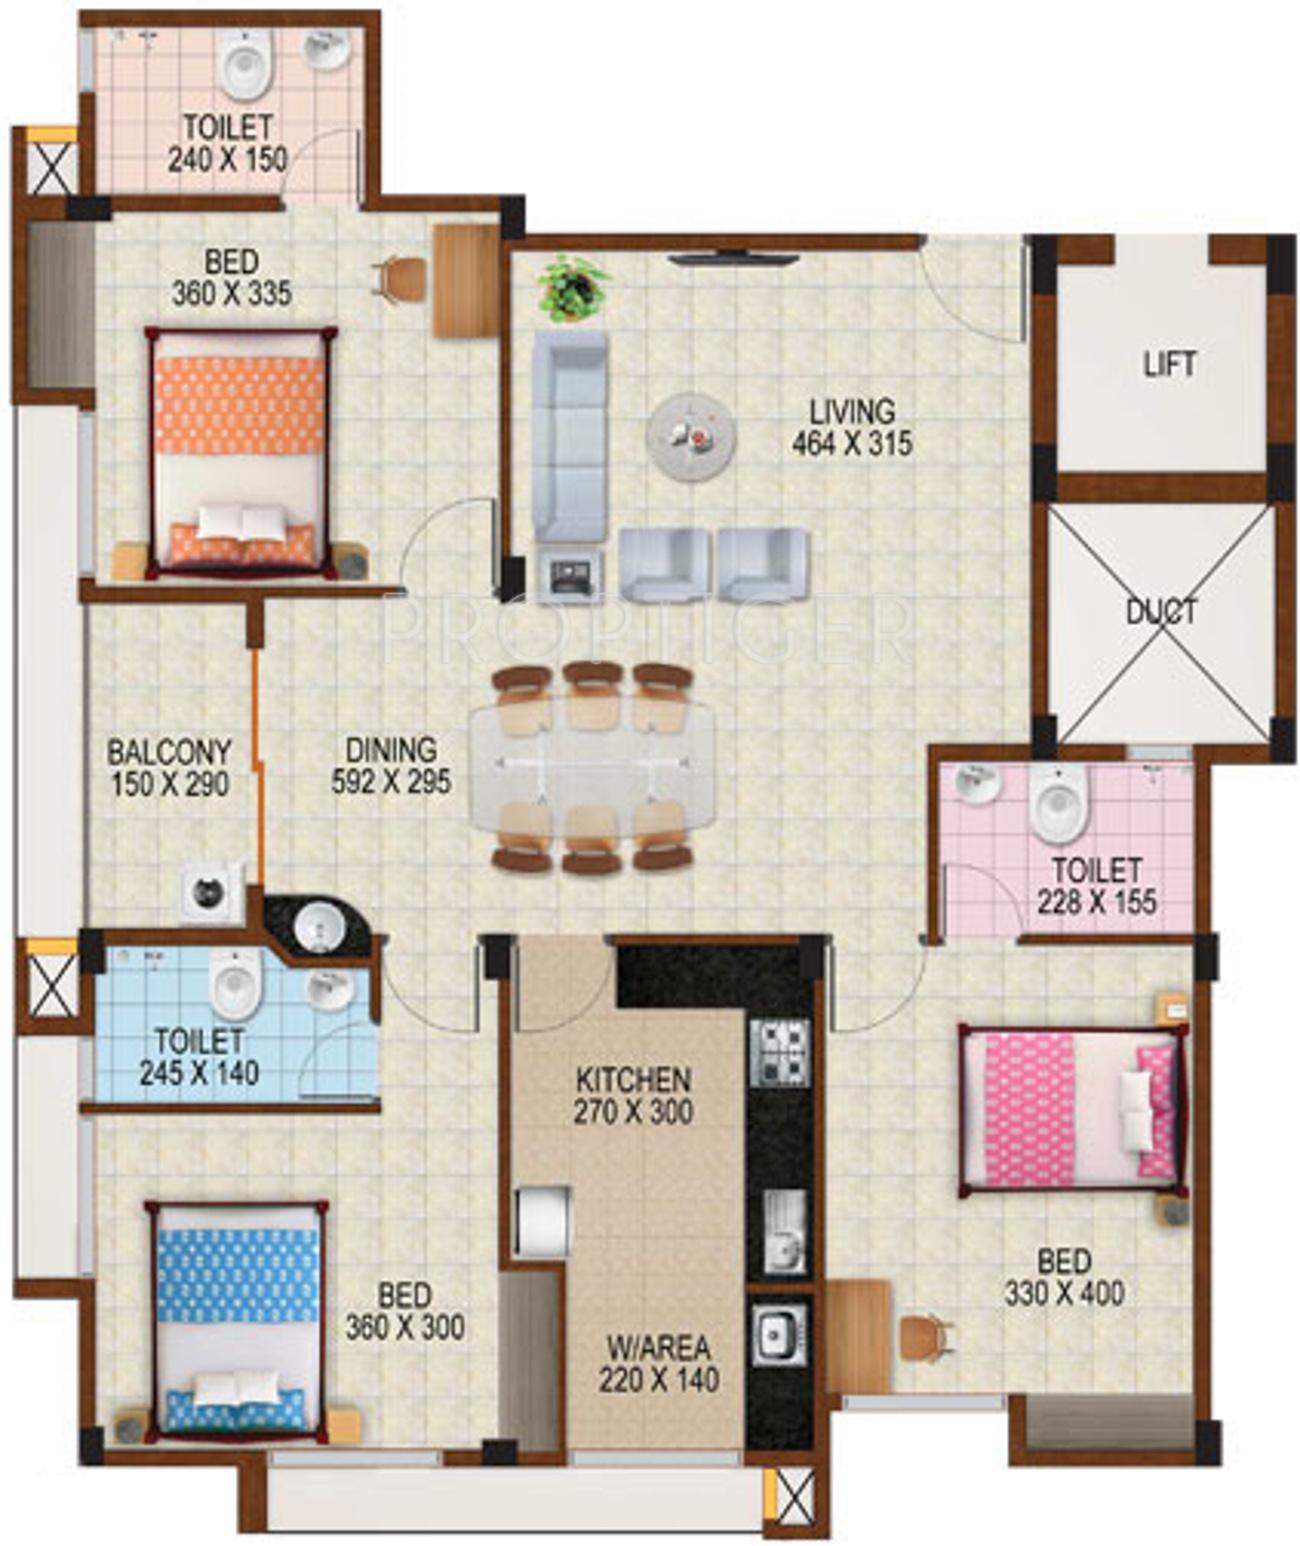 Tbpl swetha residency block ii in kottappuram thrissur for X2 residency floor plan